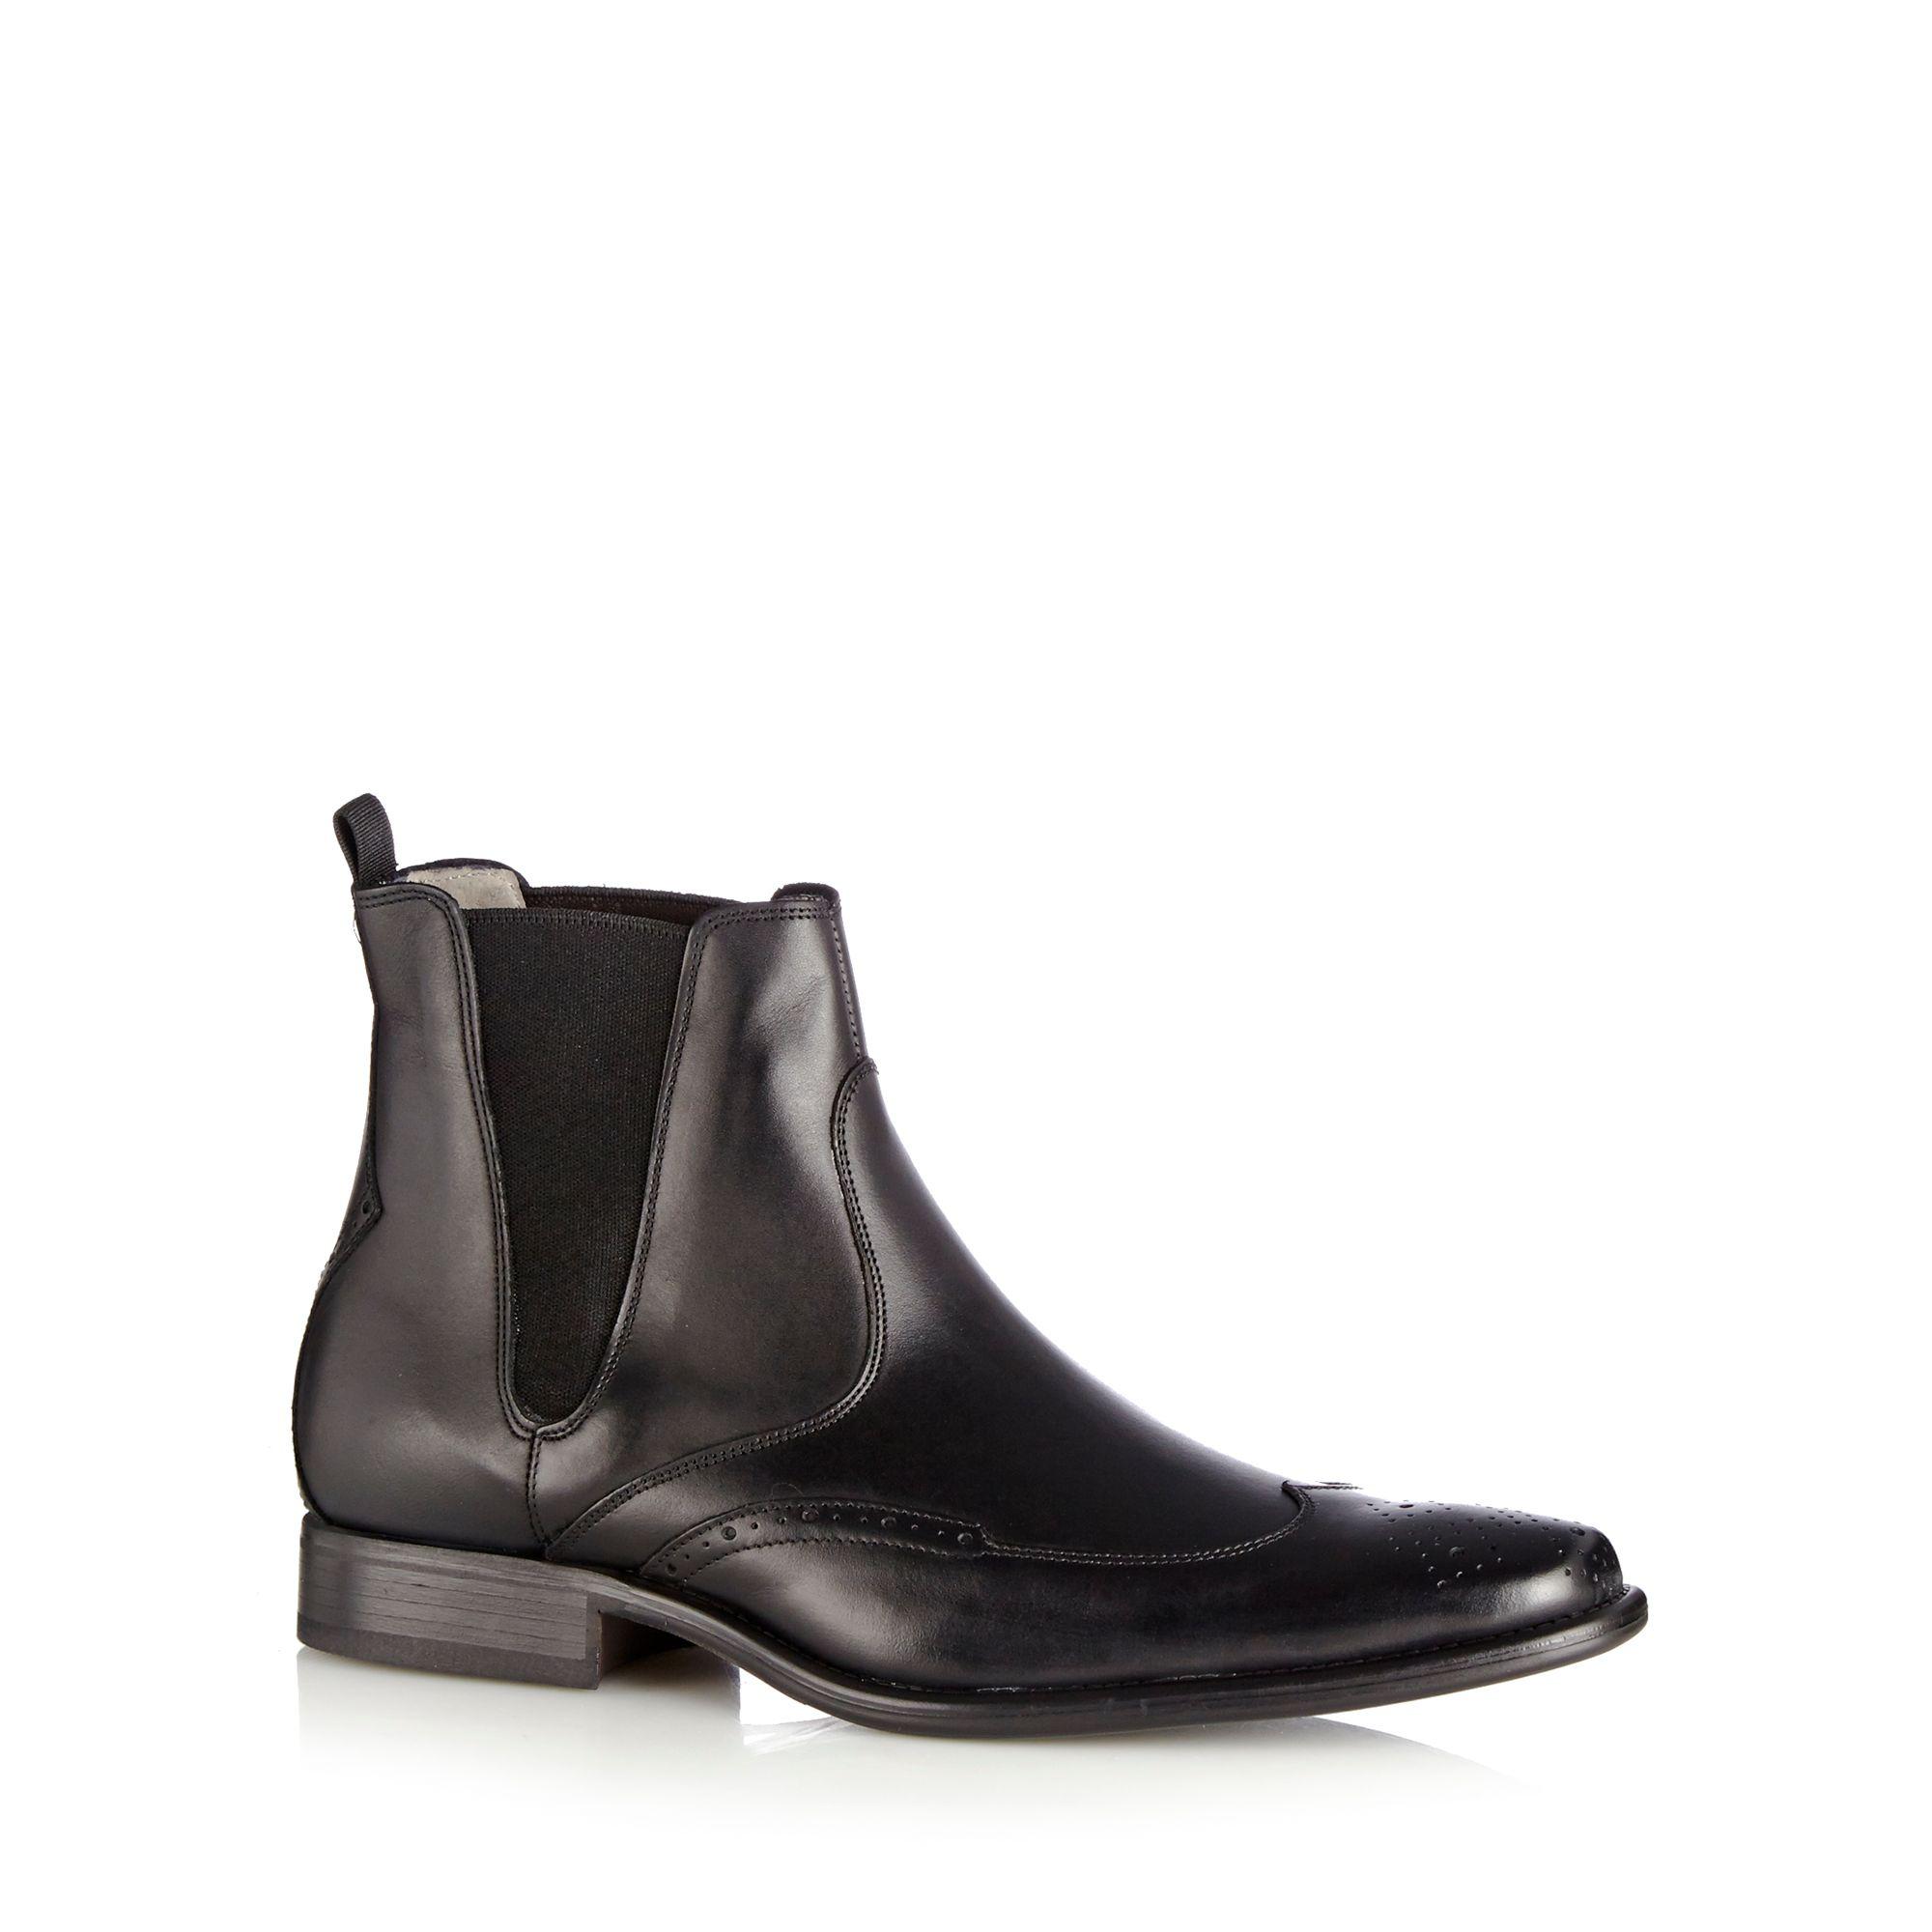 Jasper Conran Mens Shoes